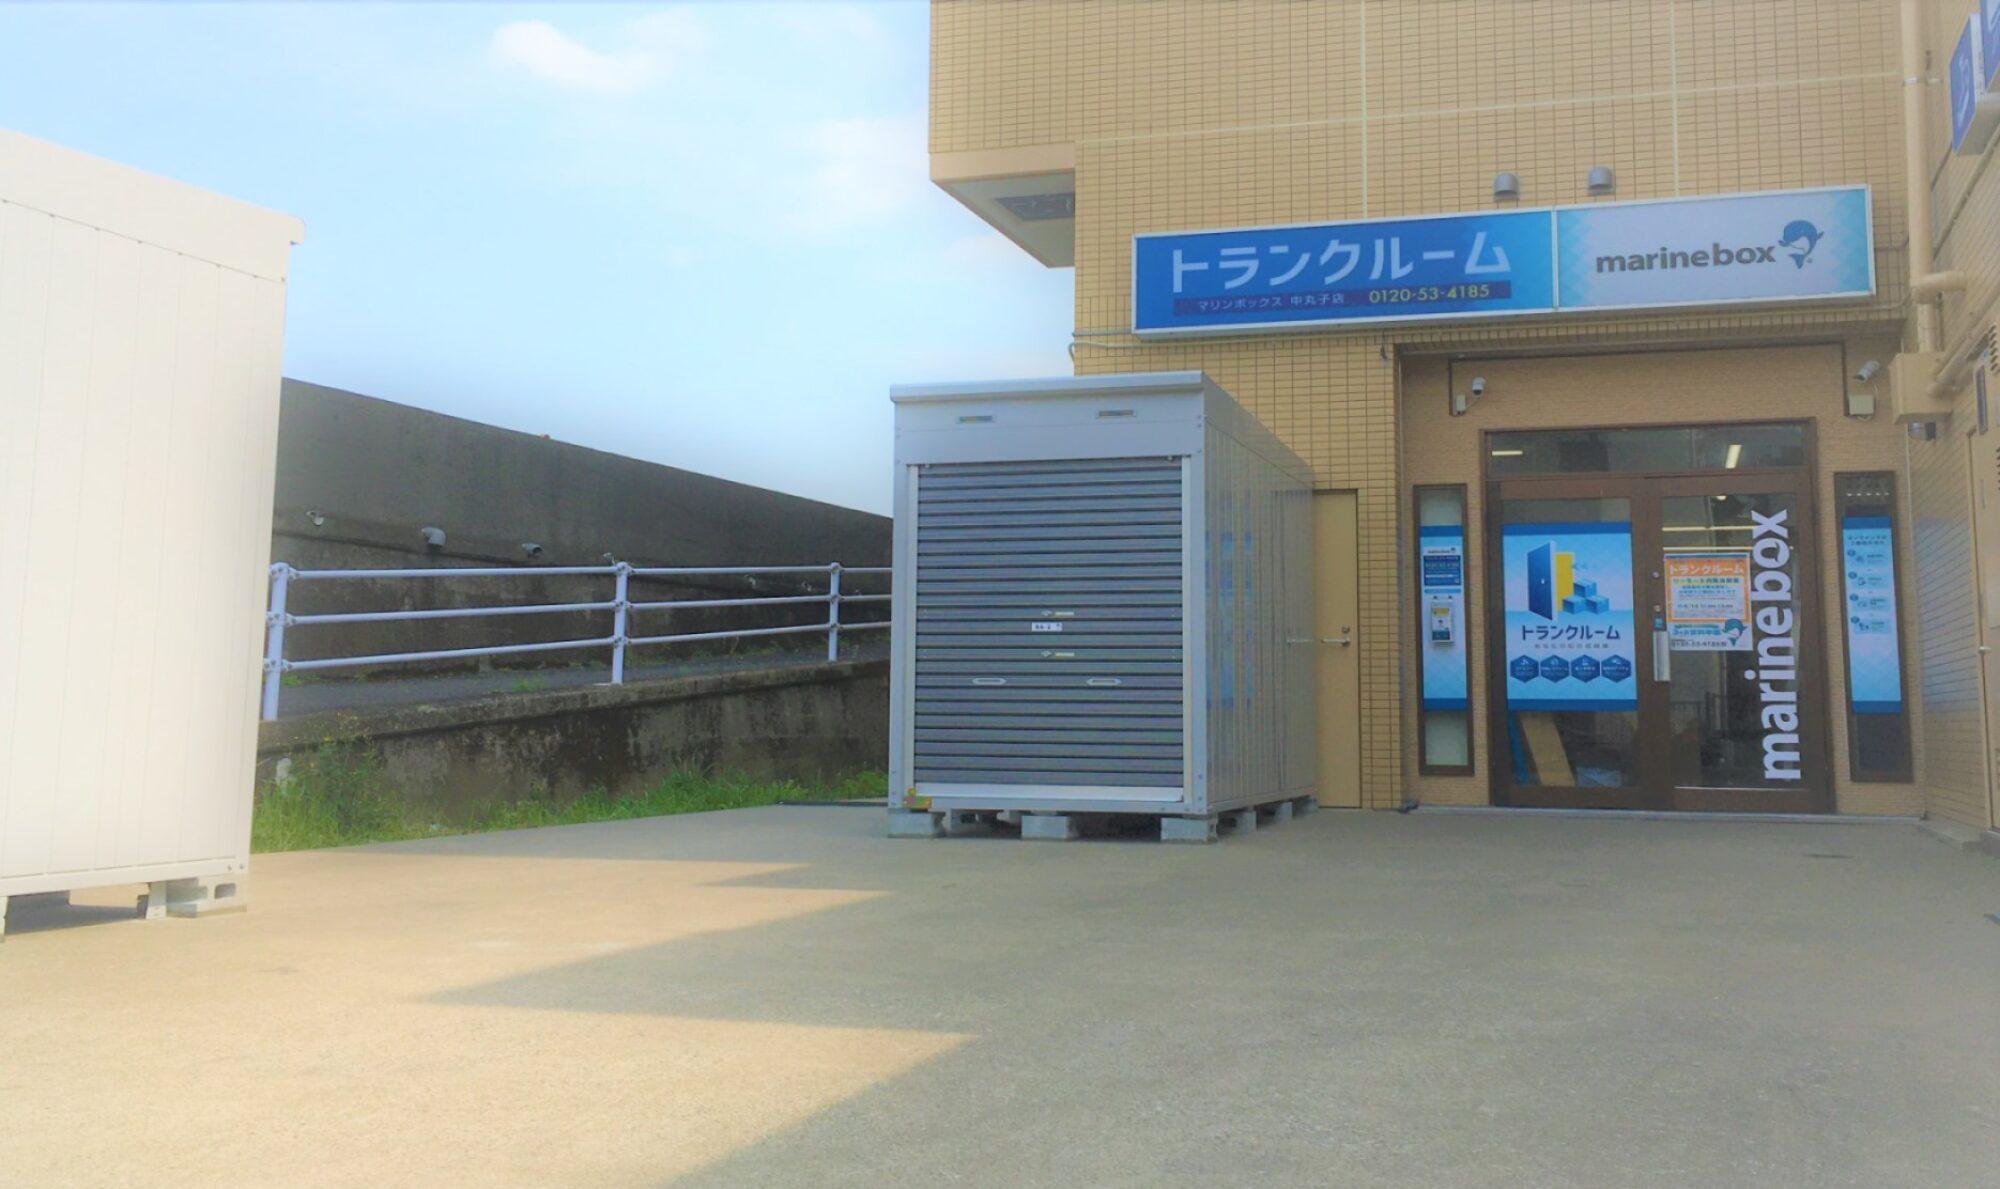 マリンボックス 武蔵小杉店